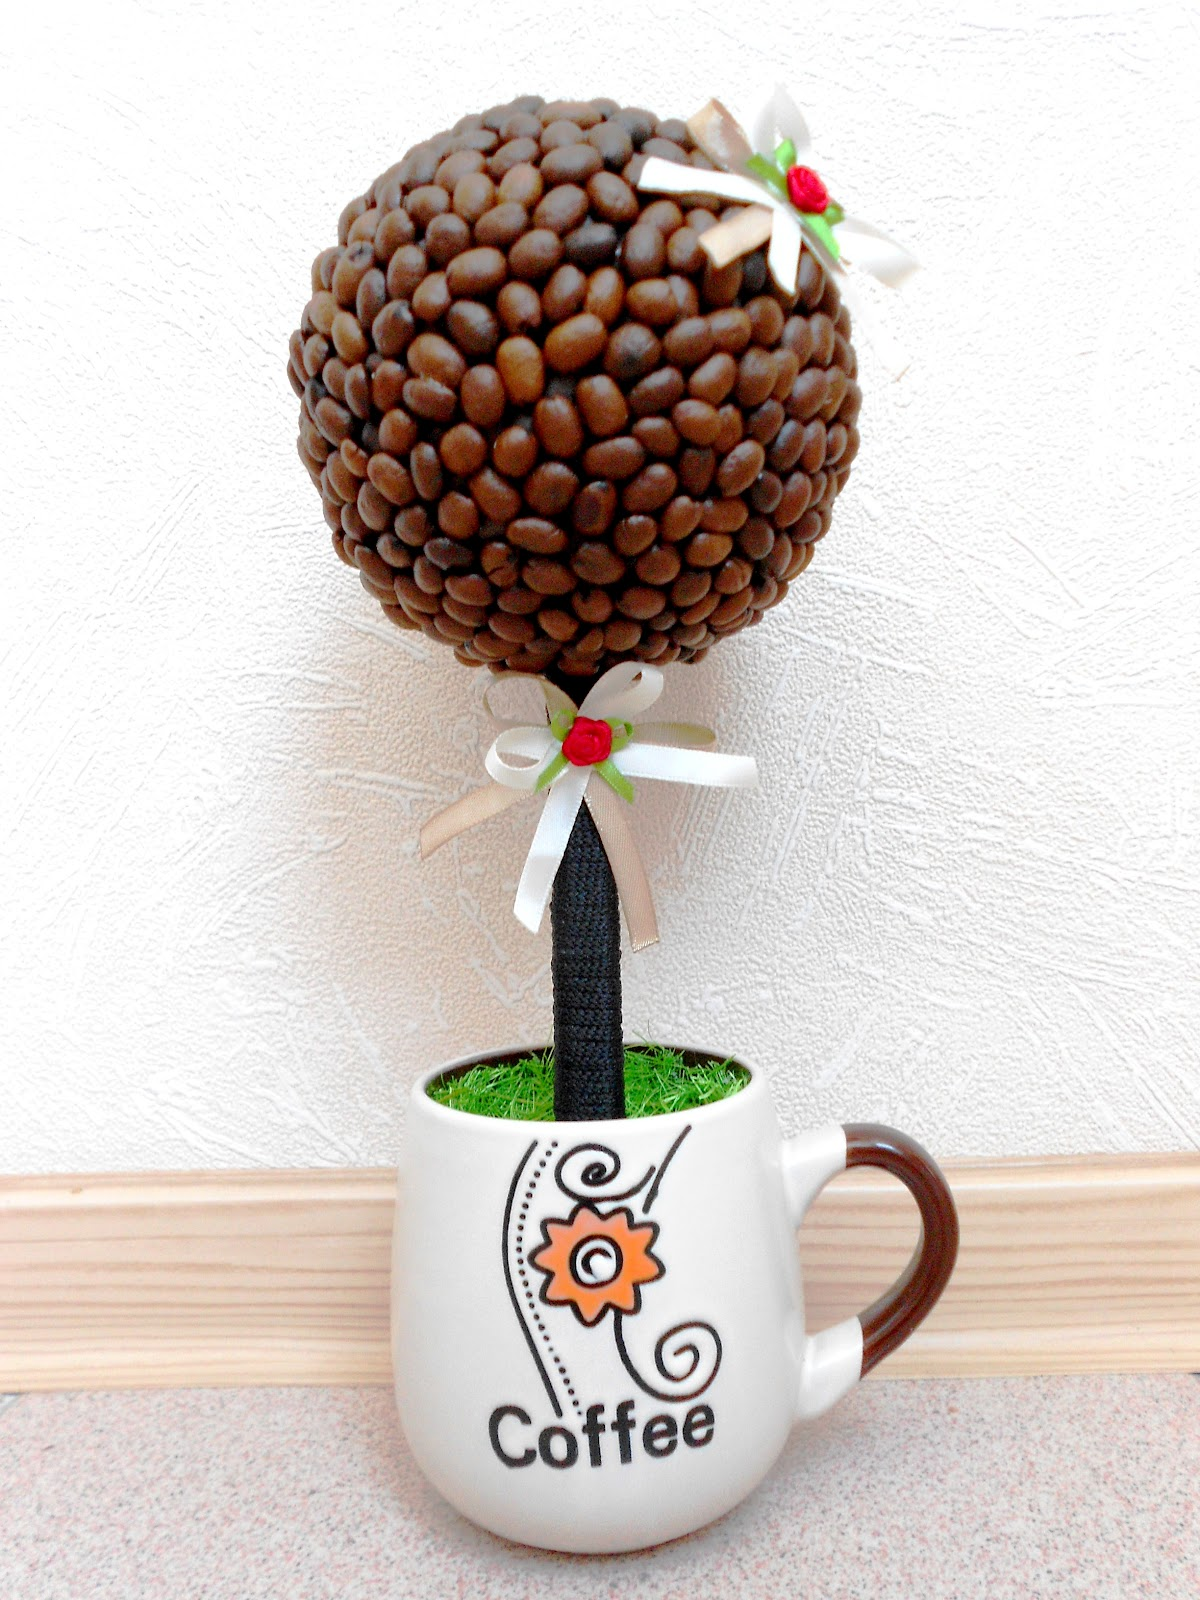 Топиарий своими руками для начинающих из кофейных зерен